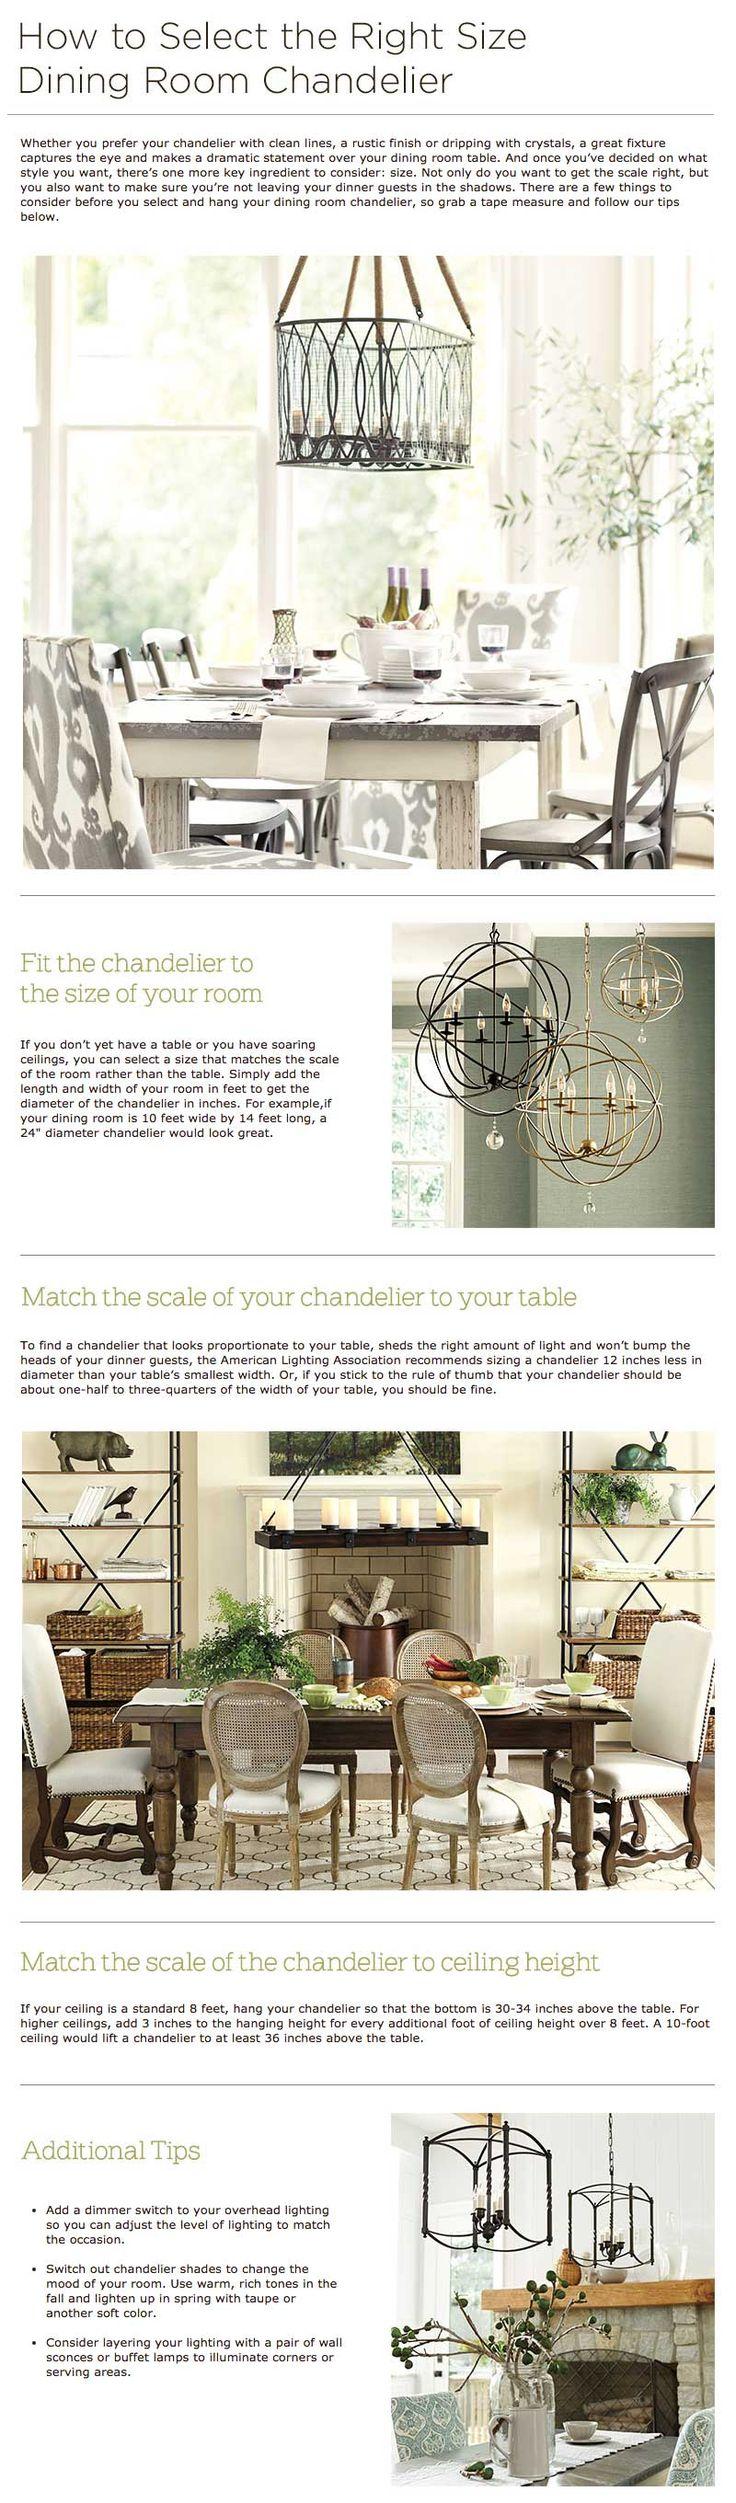 Stores Similar To Ballard Designs Gorgeous Ballard Designs Stores ~ Peeinn  Inspiration Design